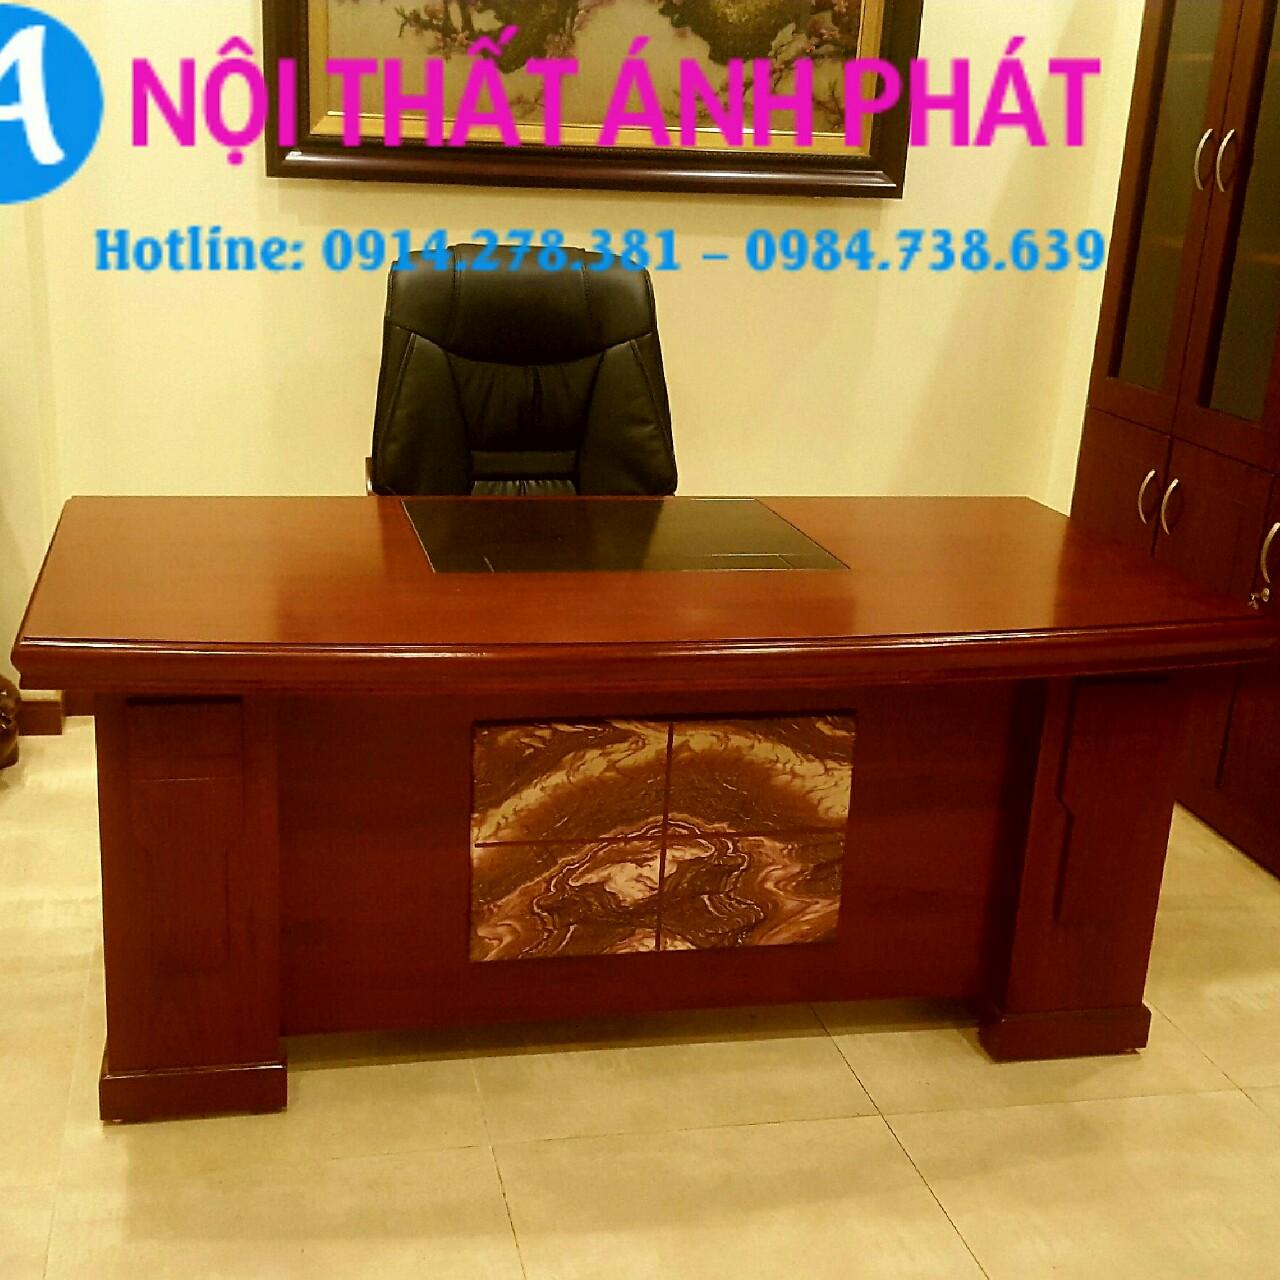 Địa chỉ mua bán thanh lý bàn ghế văn phòng cũ giá rẻ tại Hoàn Kiếm